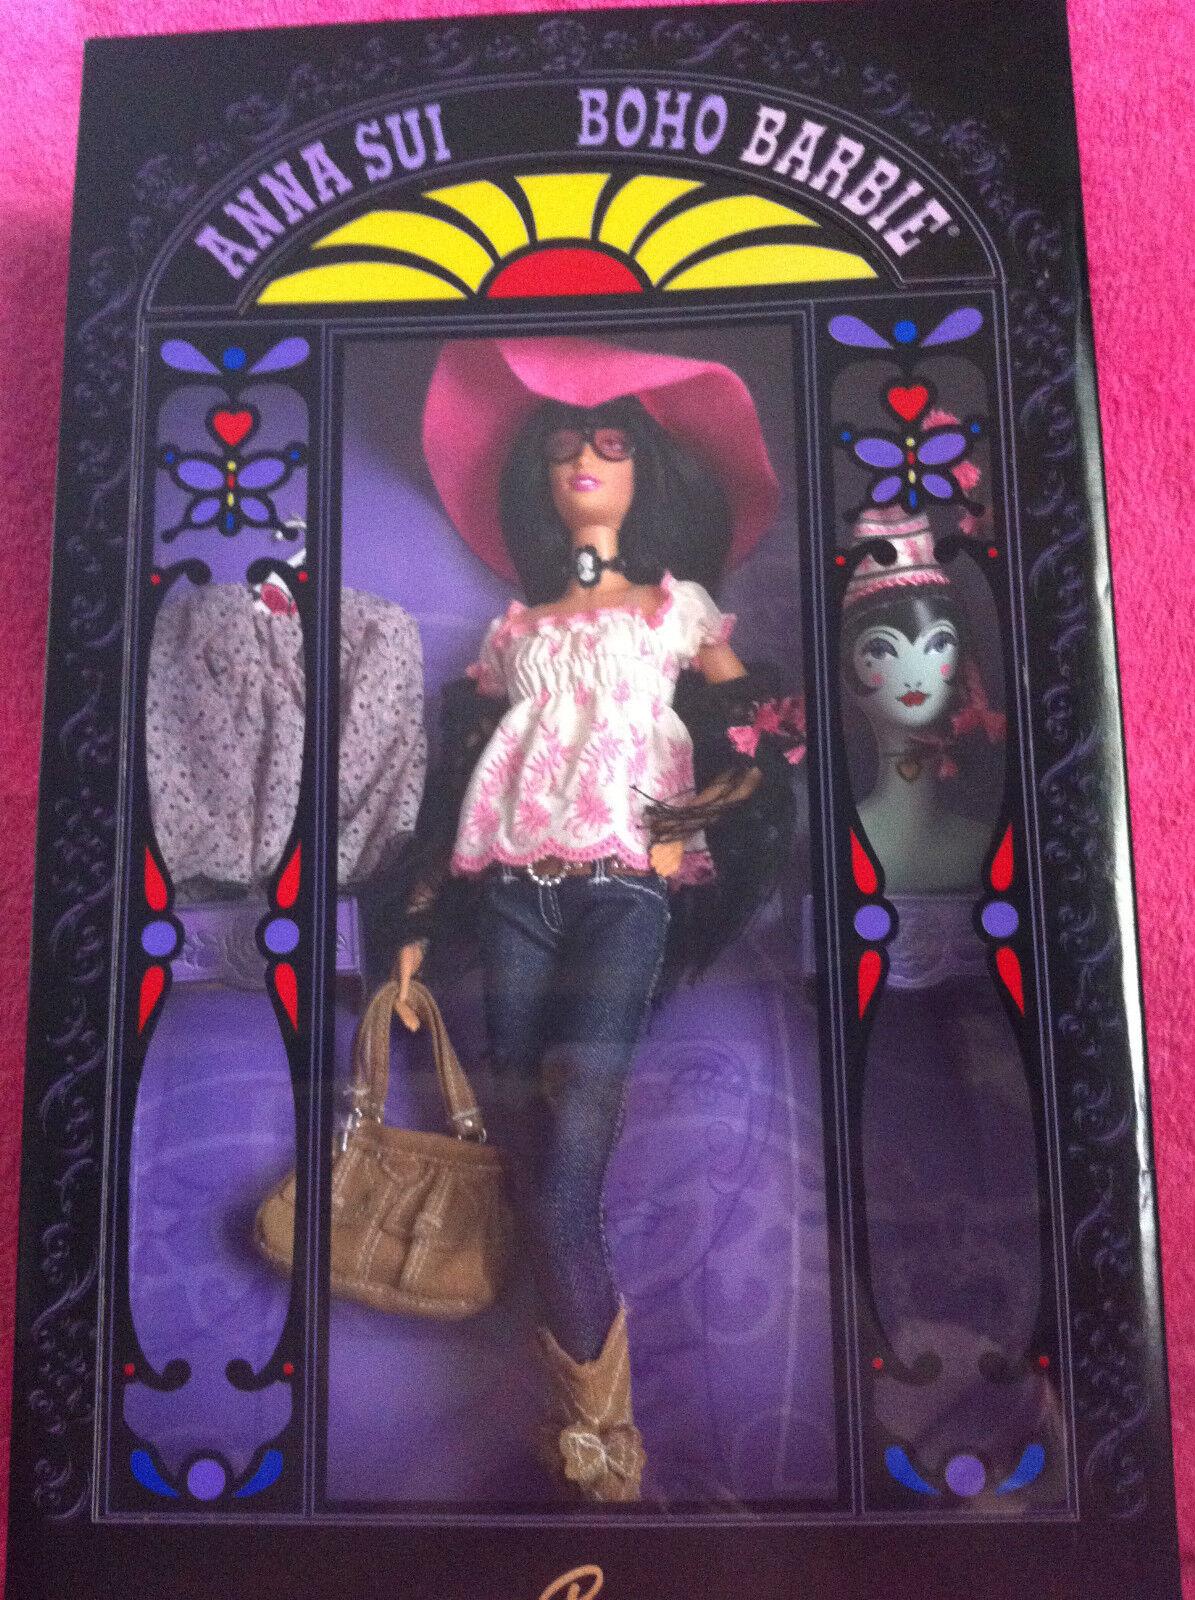 2006 Anna Sui Boho Muñeca Barbie  raras Solo 7700 producidos en todo el mundo